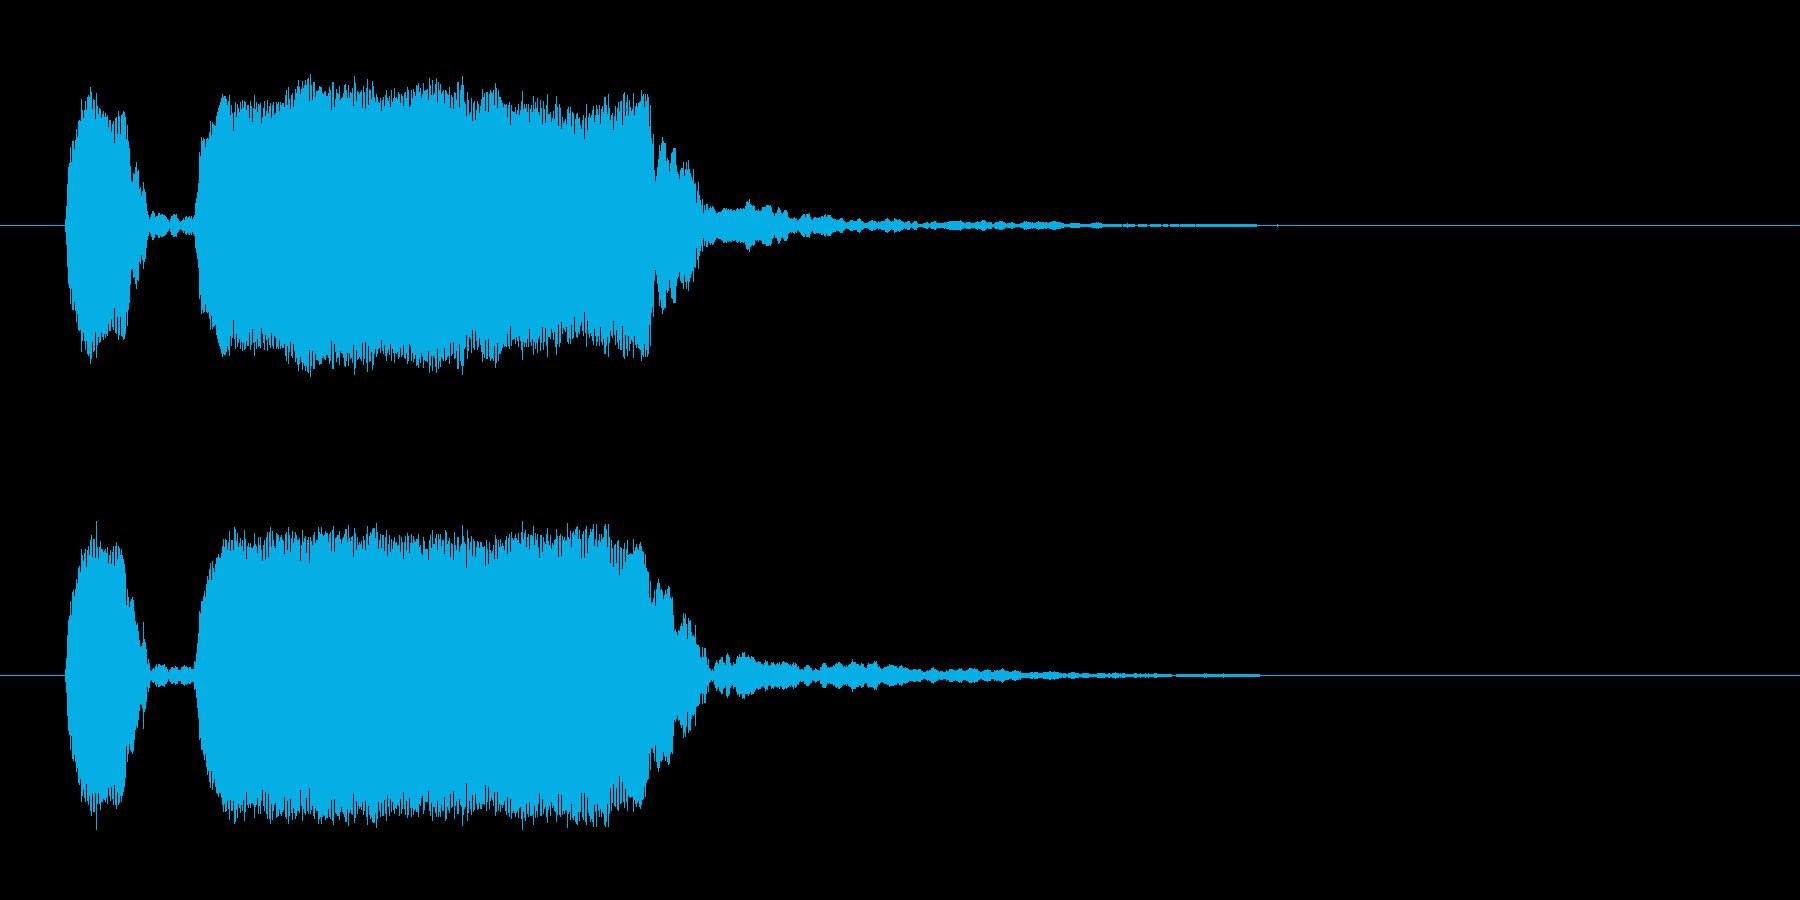 「ピピ〜ッ!」警笛による鳥の鳴き声の擬音の再生済みの波形